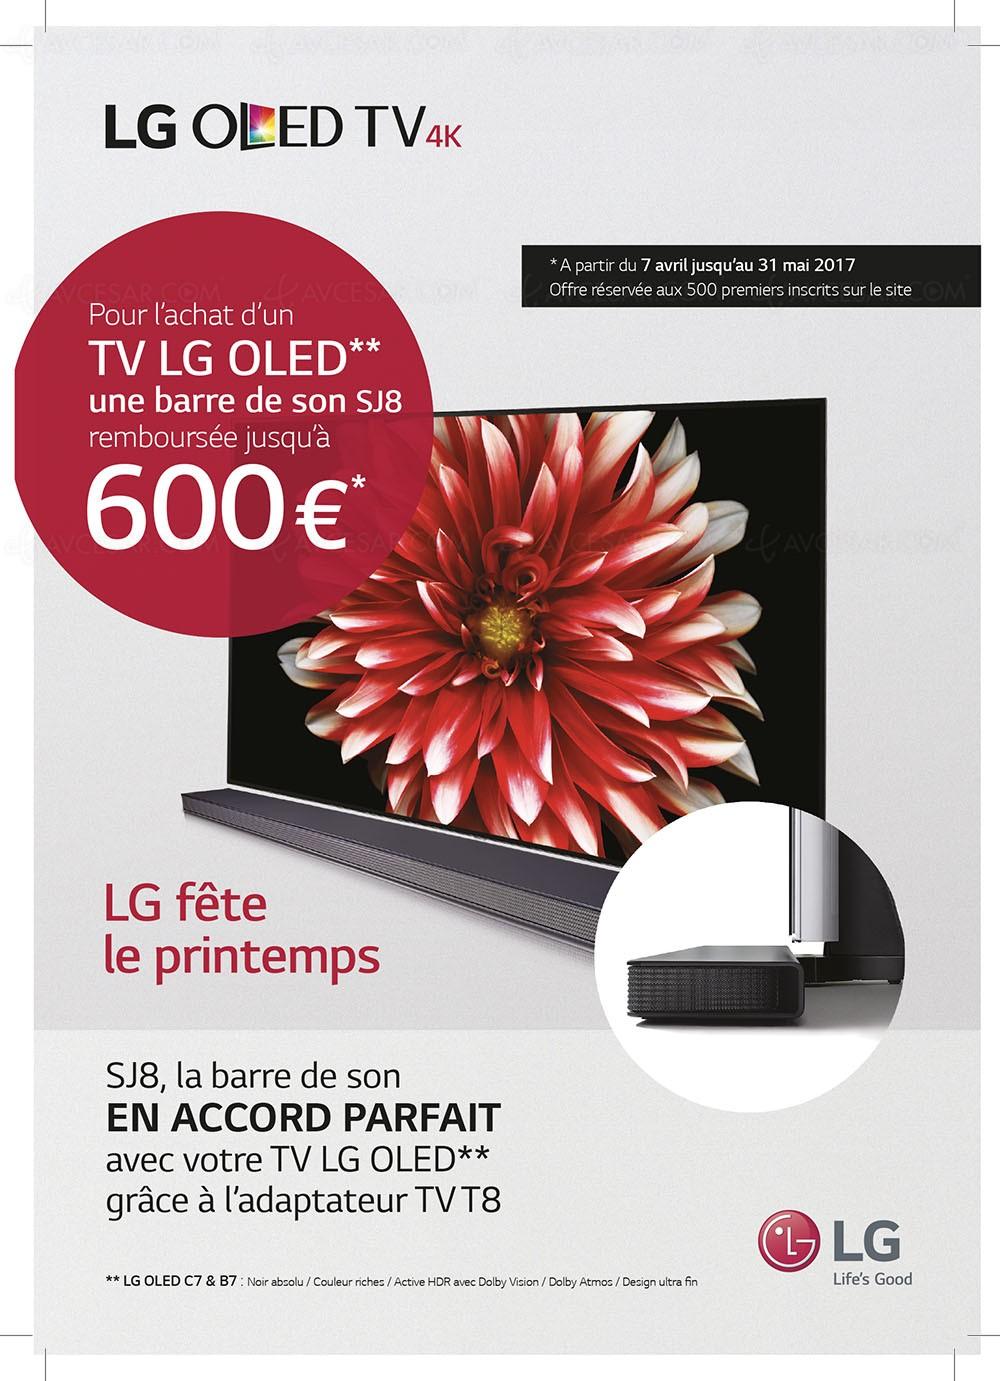 offre de remboursement lg barre sonore de 600 pour l 39 achat d 39 un tv oled. Black Bedroom Furniture Sets. Home Design Ideas